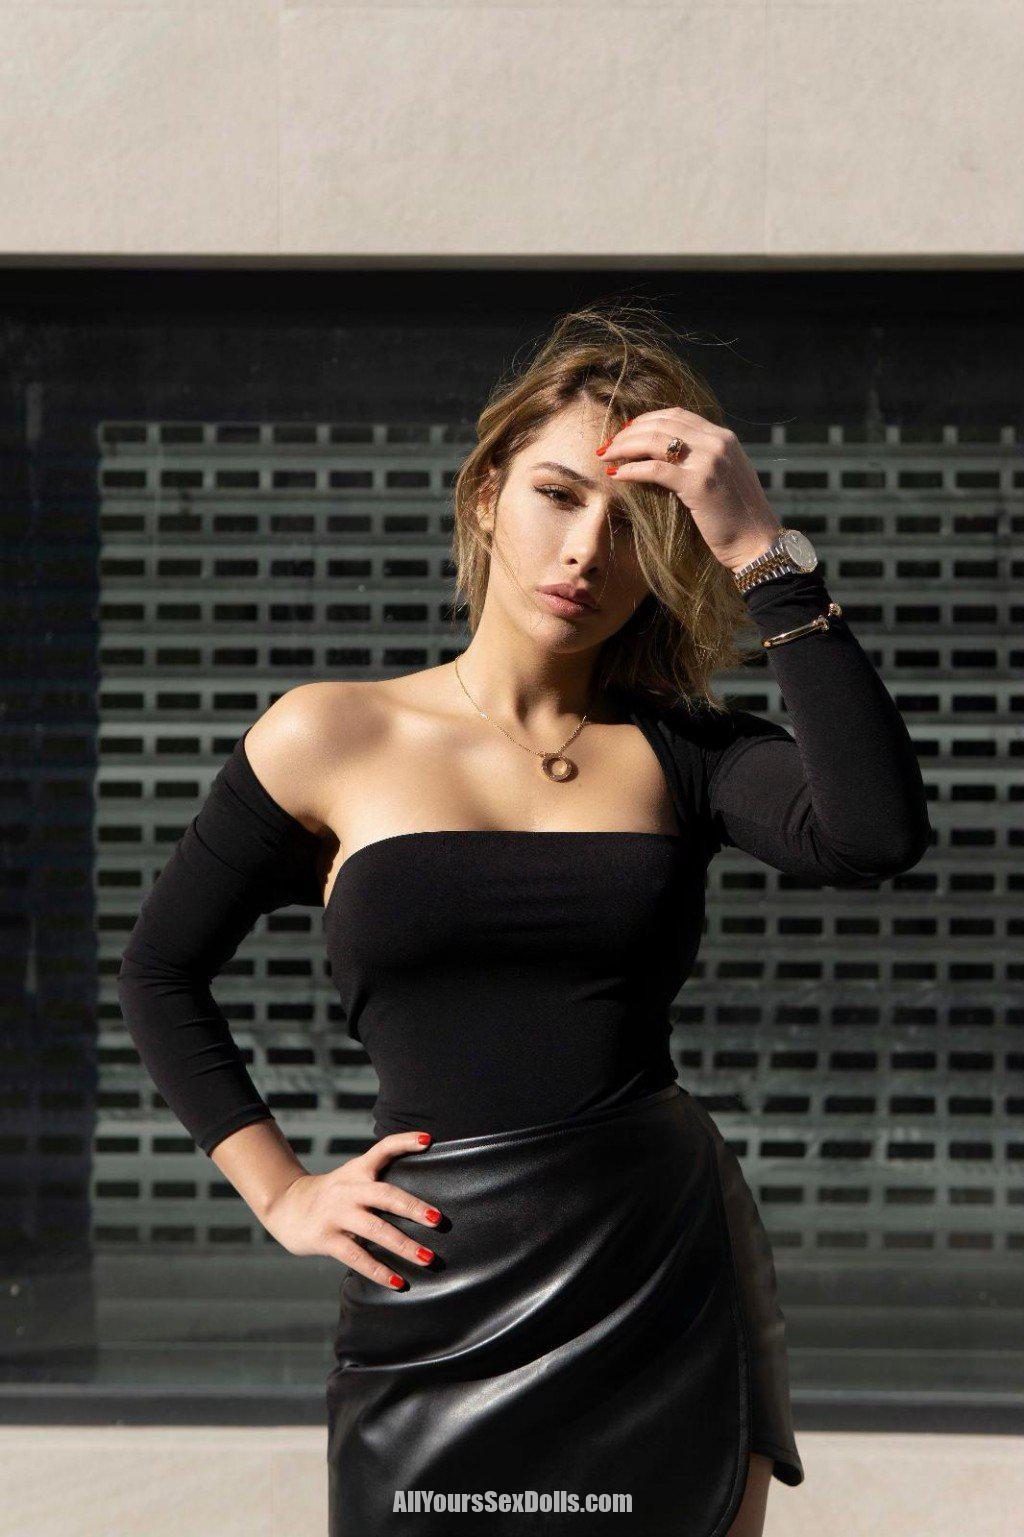 נערת ליווי רייזל – המעסה הכי פצצה נחתה באזור תל אביב